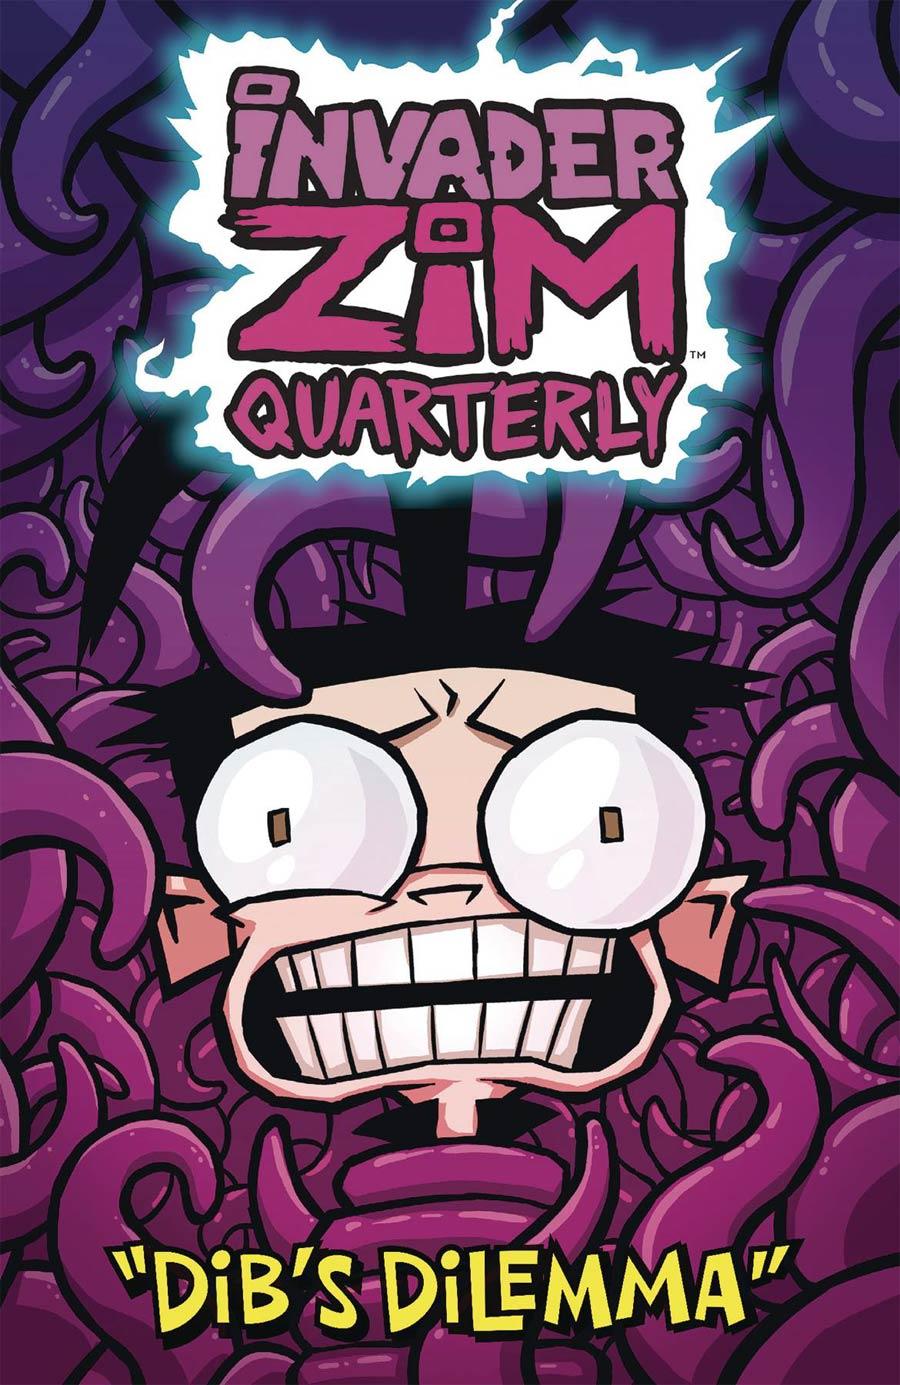 Invader Zim Quarterly #2